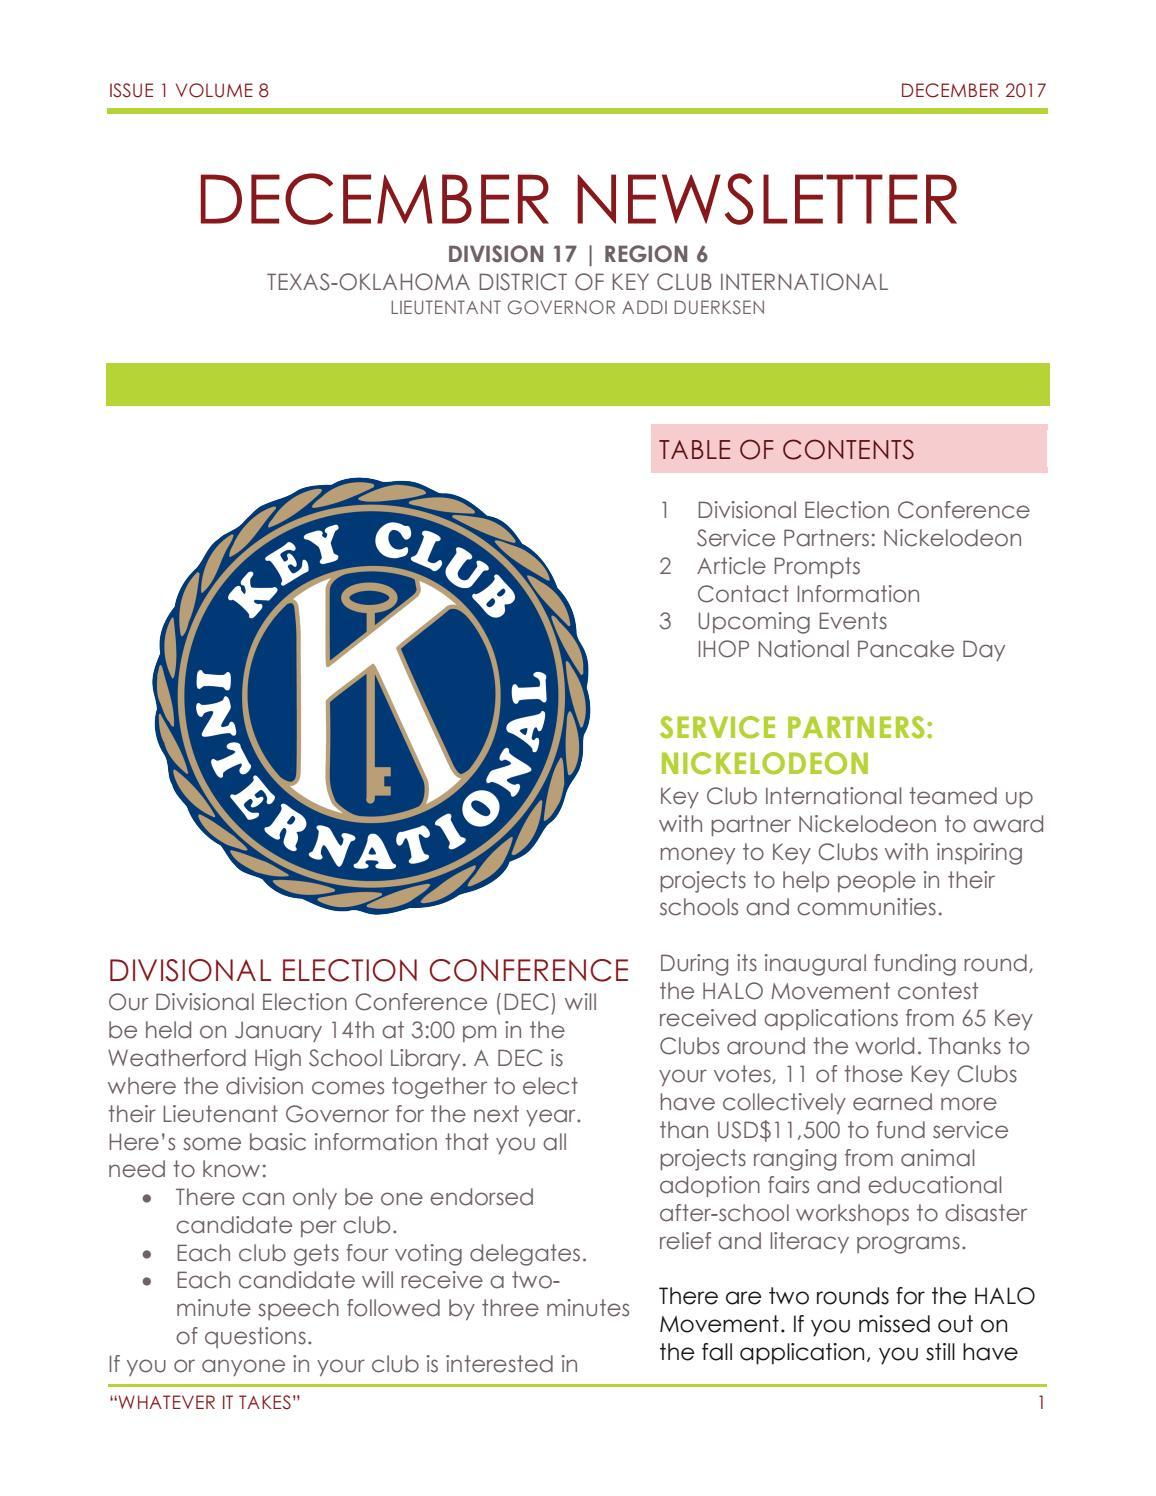 December Newsletter by Addi Duerksen - issuu